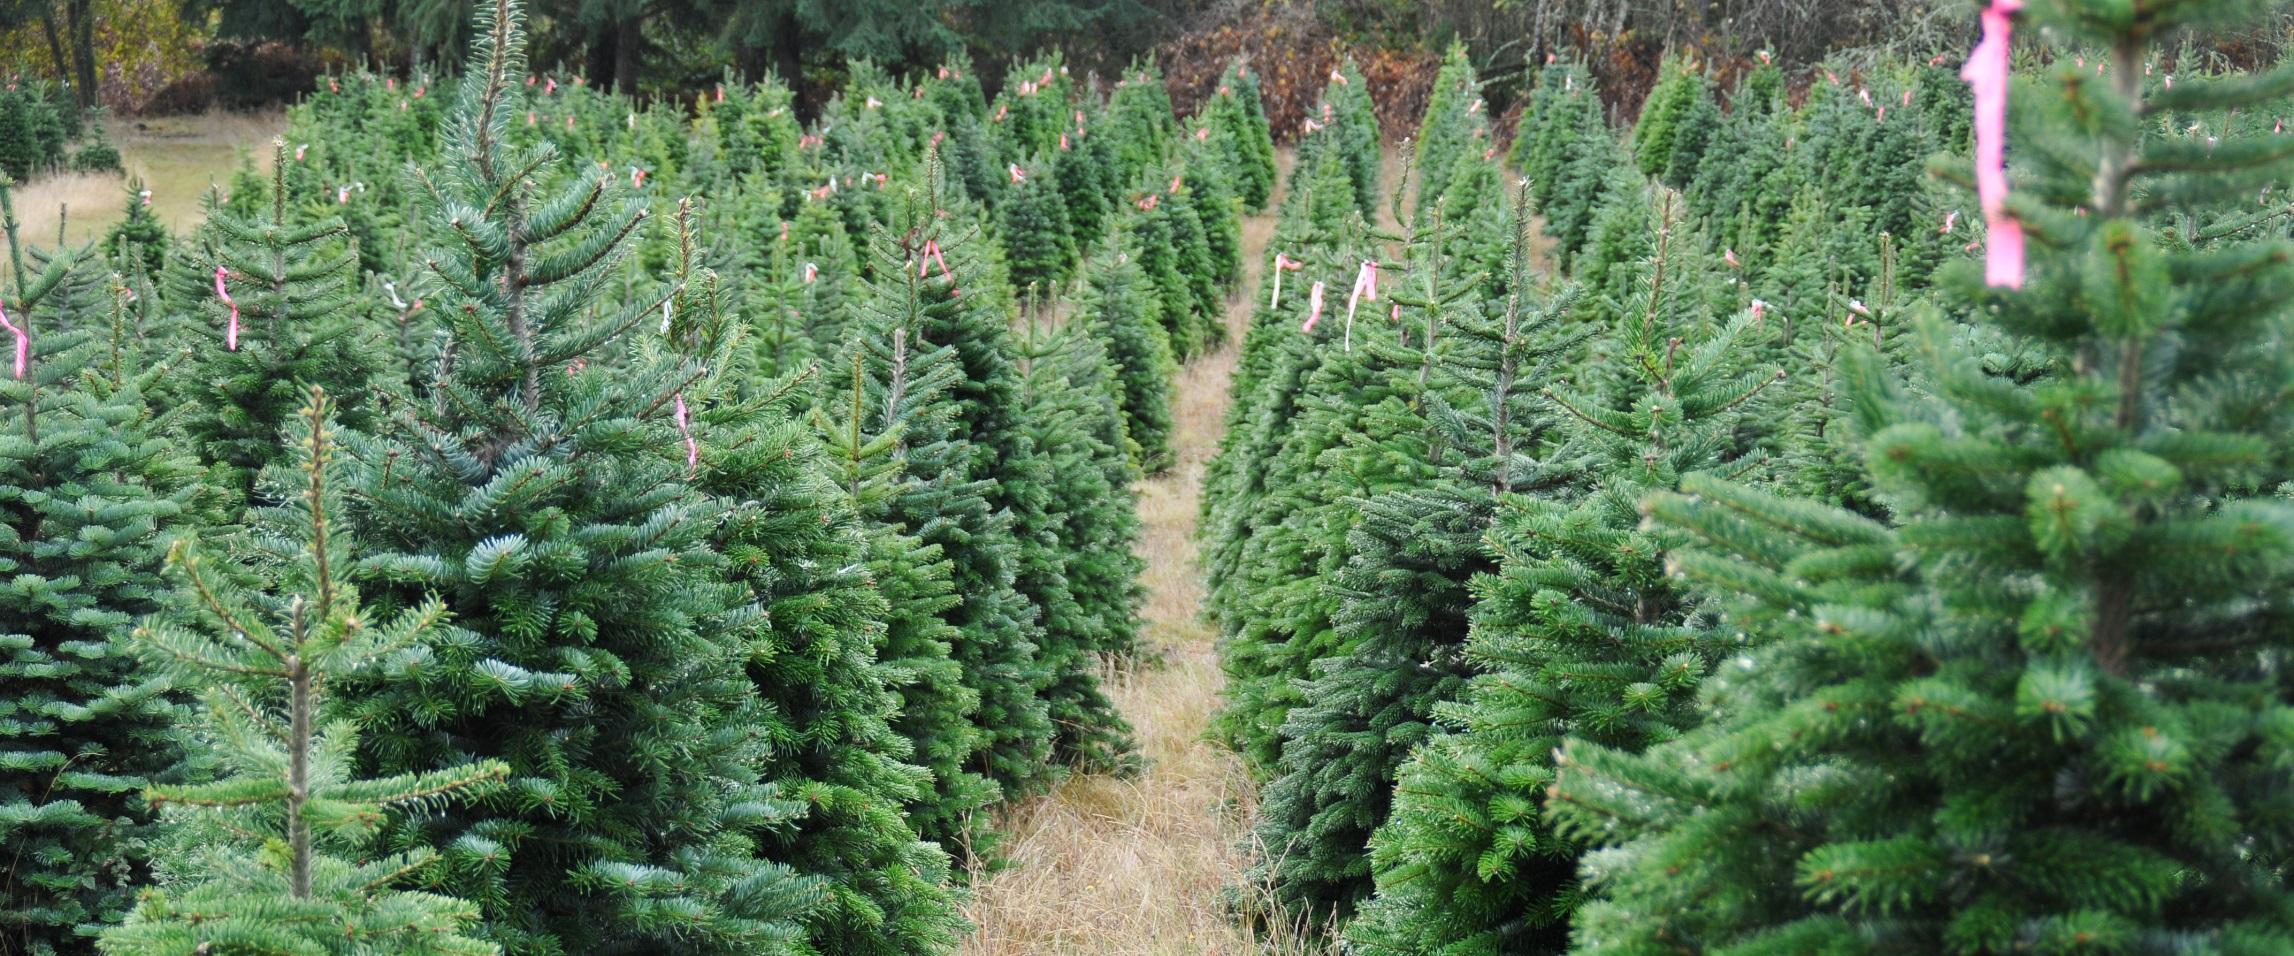 Kerstbomen 2016